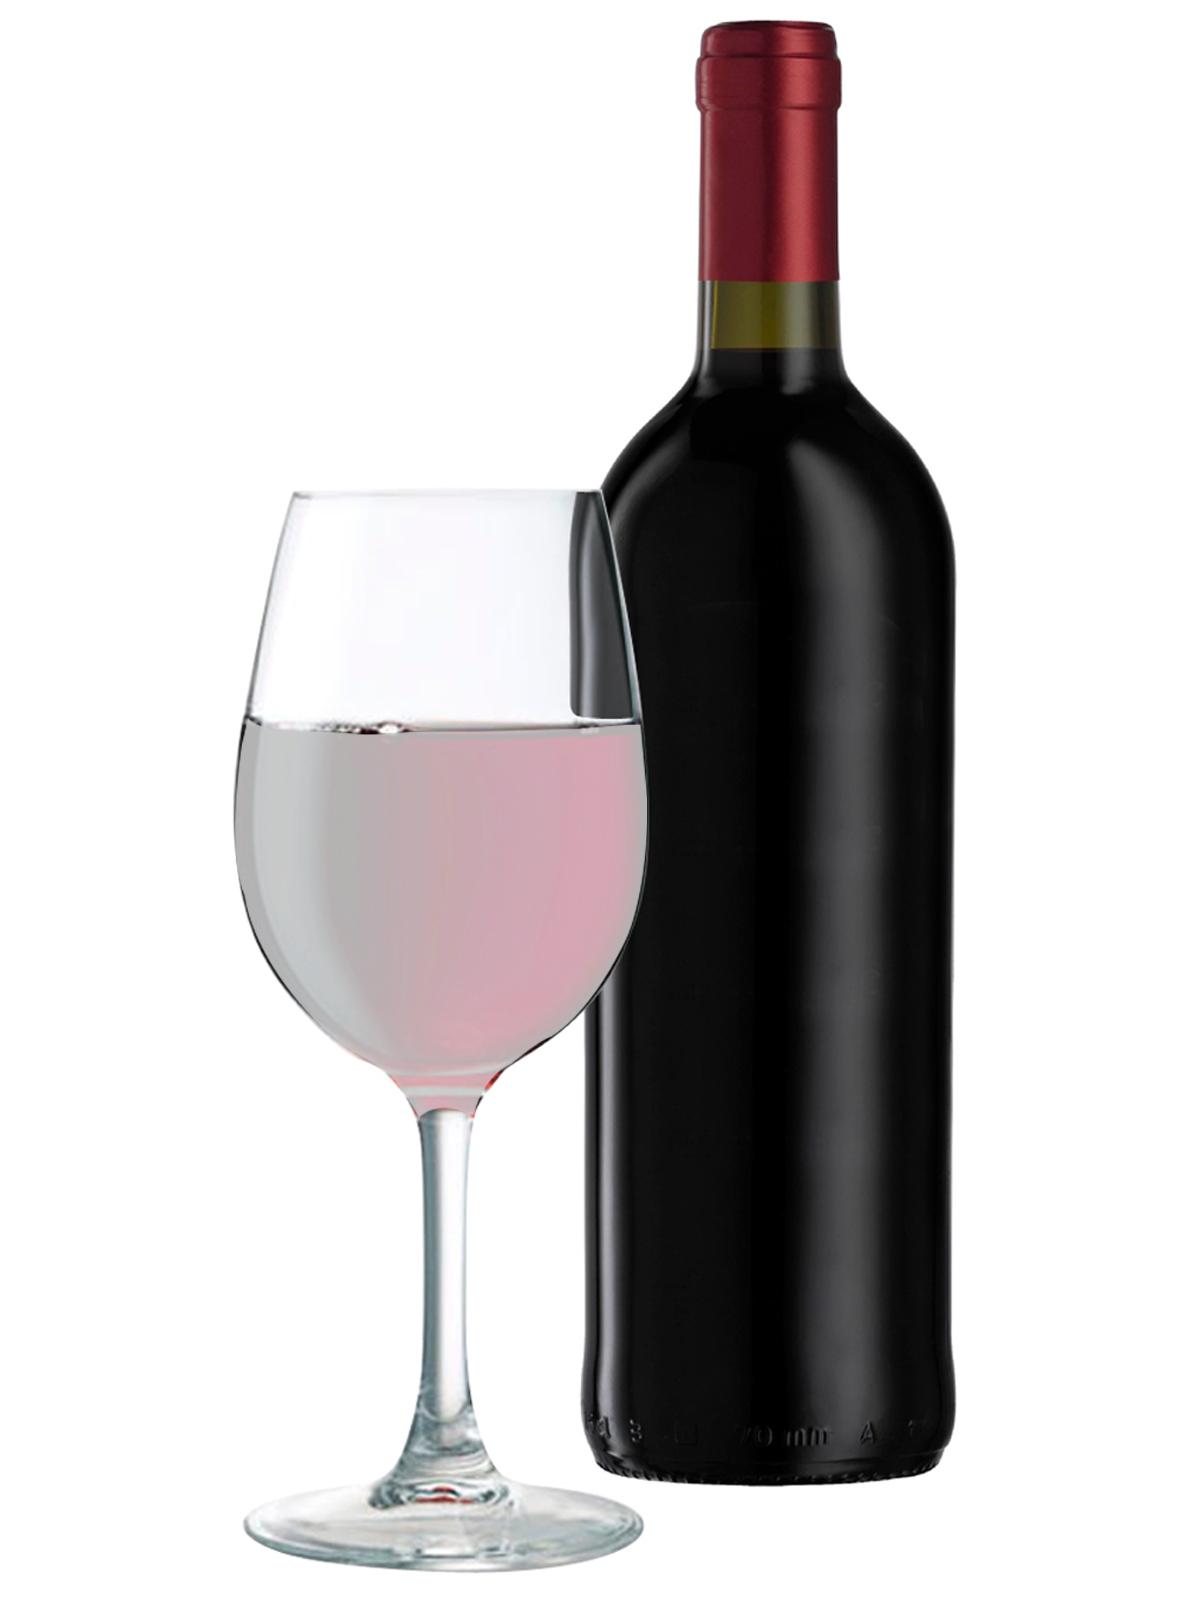 ไวน์ผลไม้ทับทิม